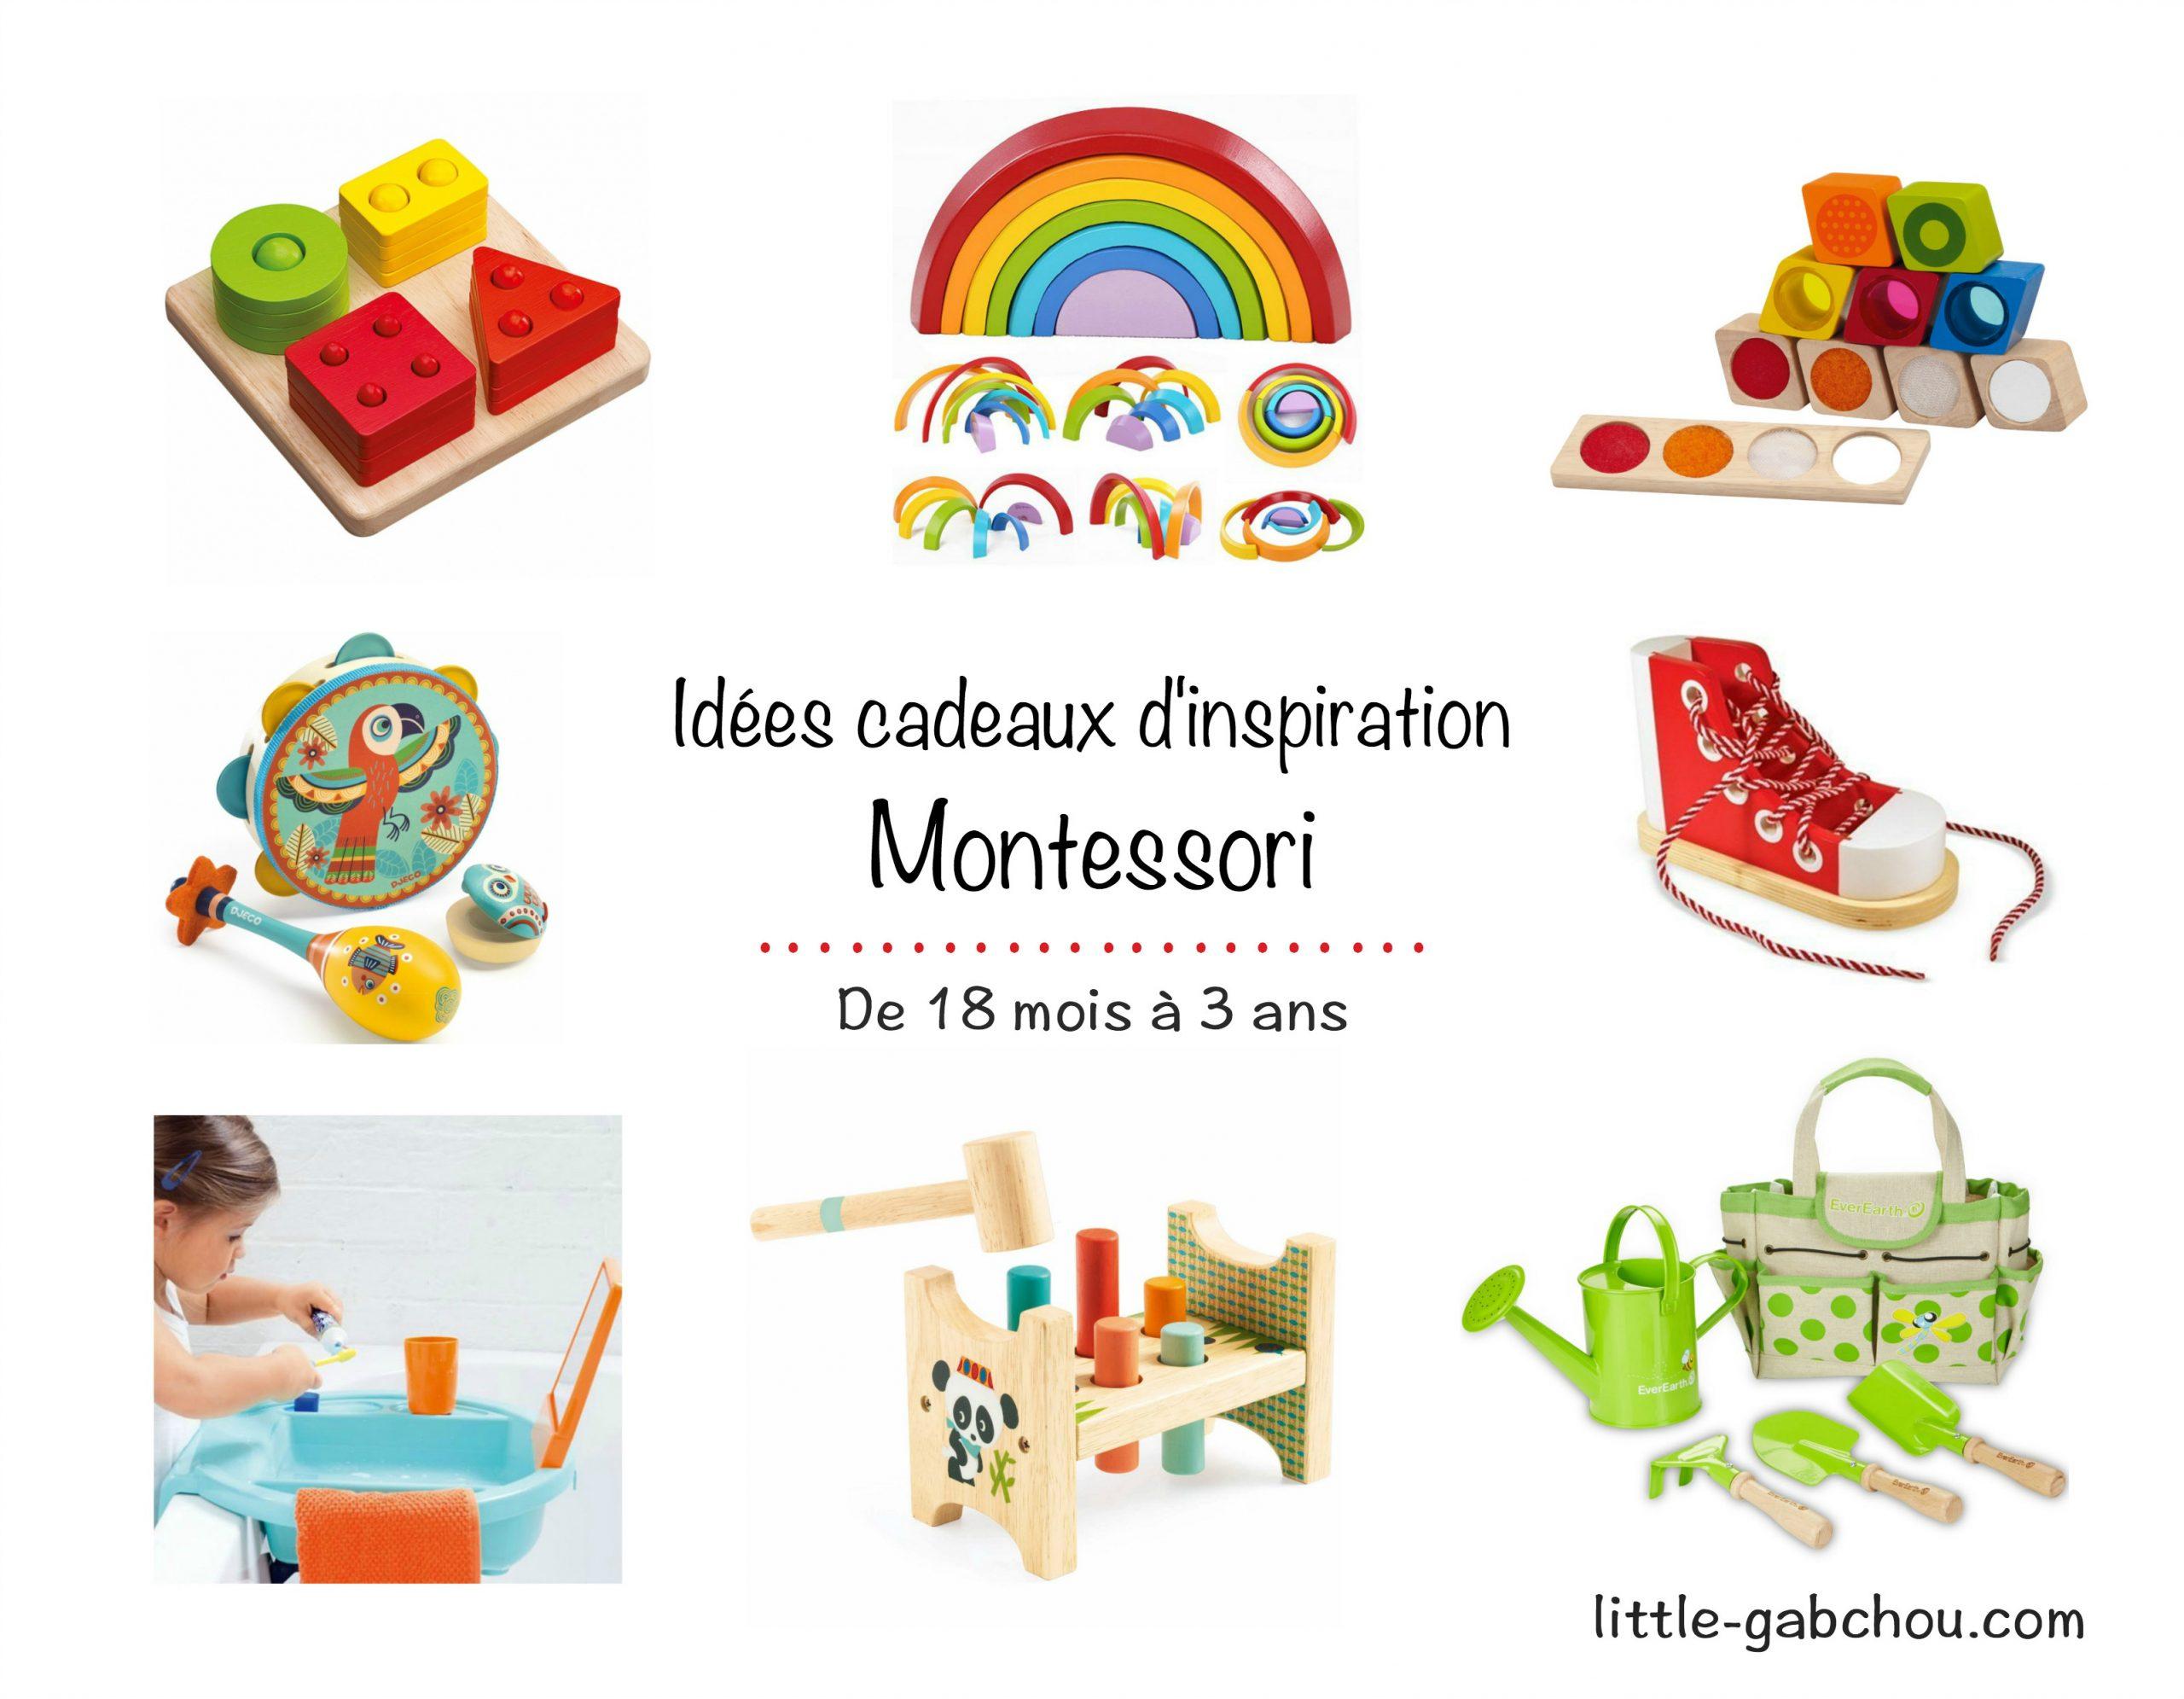 Idées Cadeaux Montessori Pour Enfants De 18 Mois À 3 Ans encequiconcerne Jeux Pour Les Bébé De 1 Ans